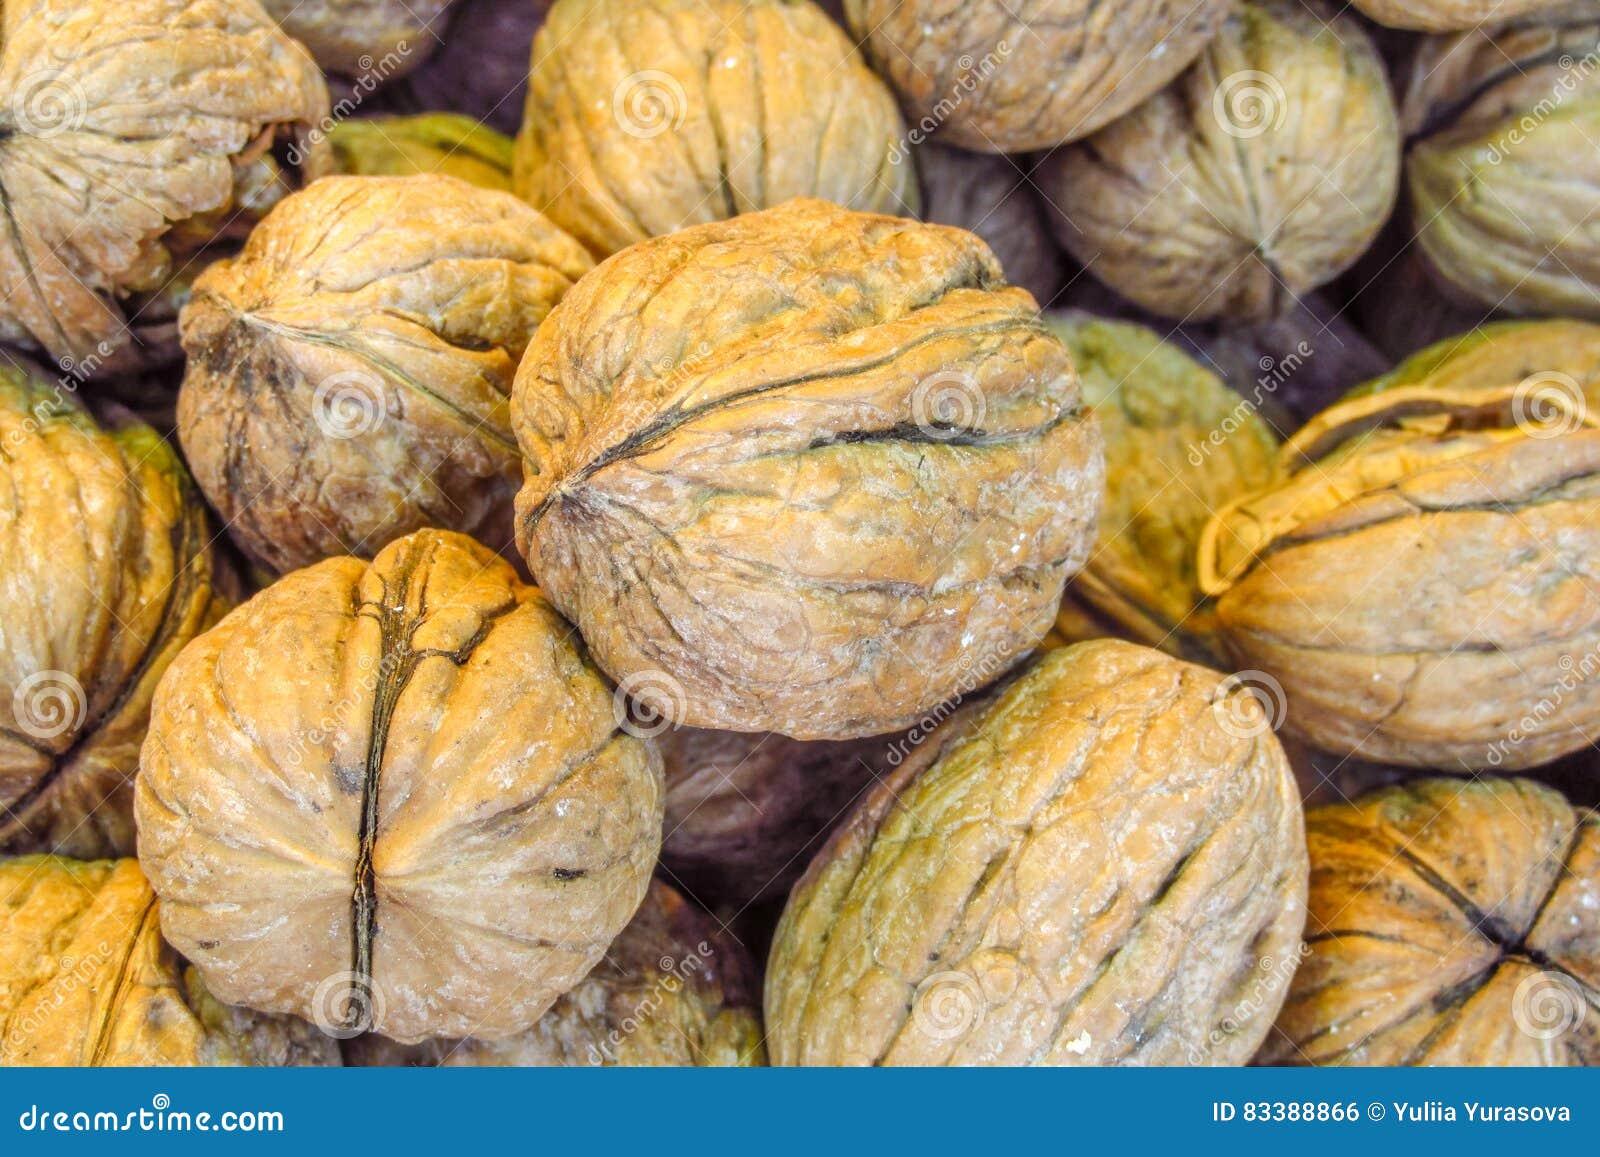 Walnuts pattern